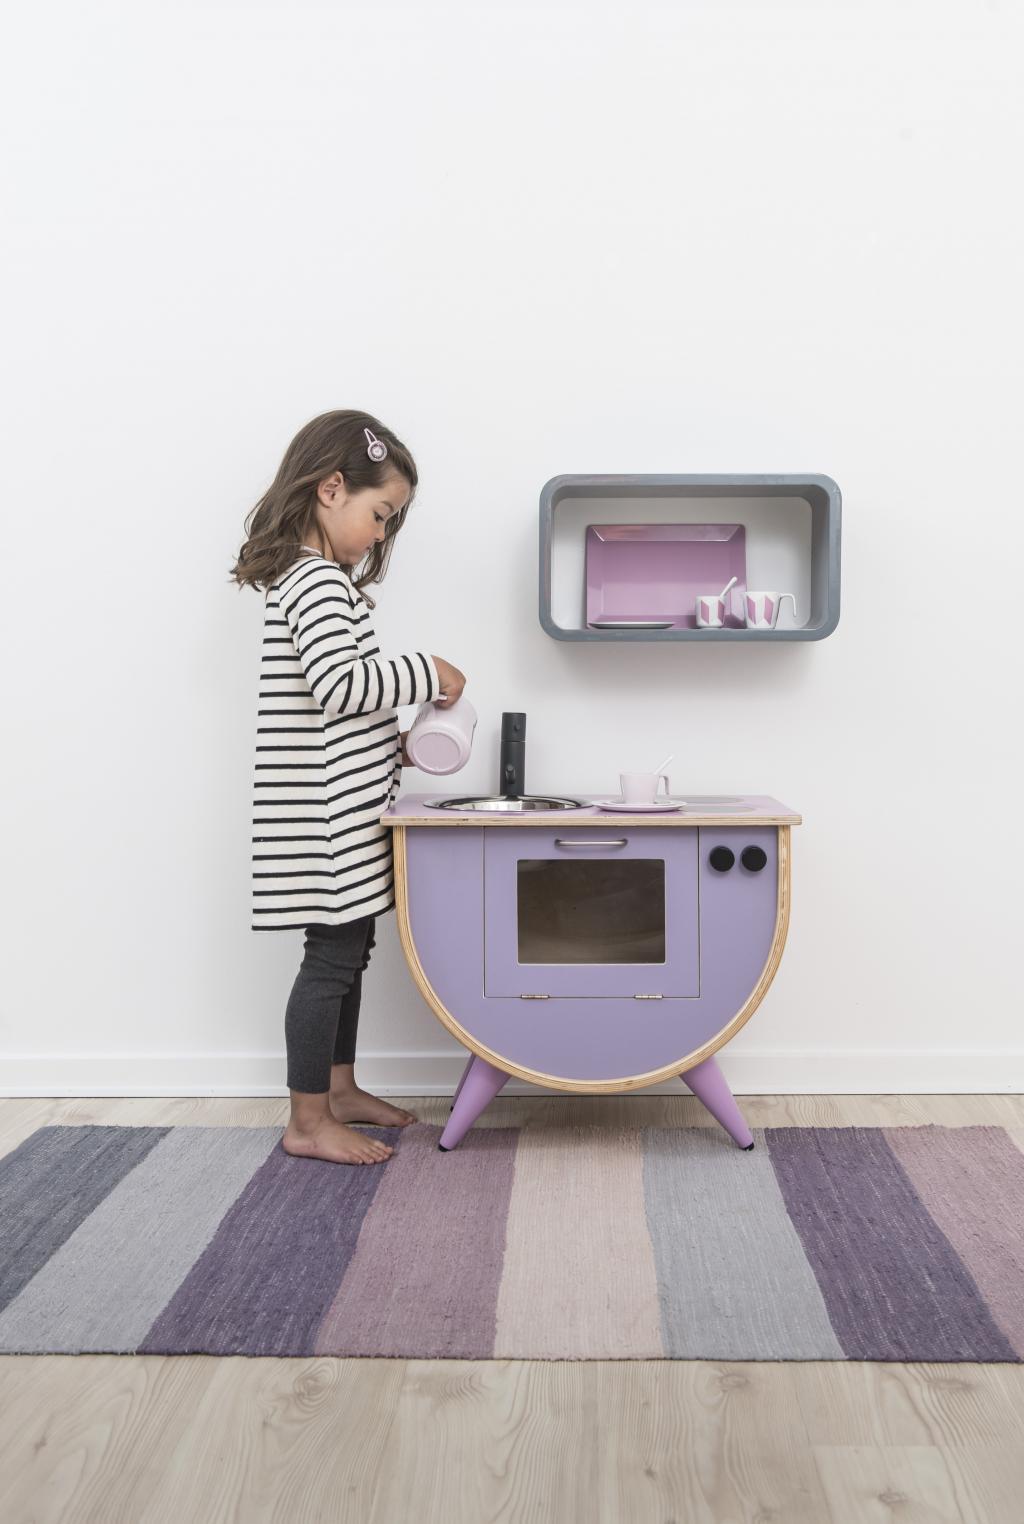 teppich gewebt pastell lila sebra kaufen wohn und lifestylewebshop. Black Bedroom Furniture Sets. Home Design Ideas